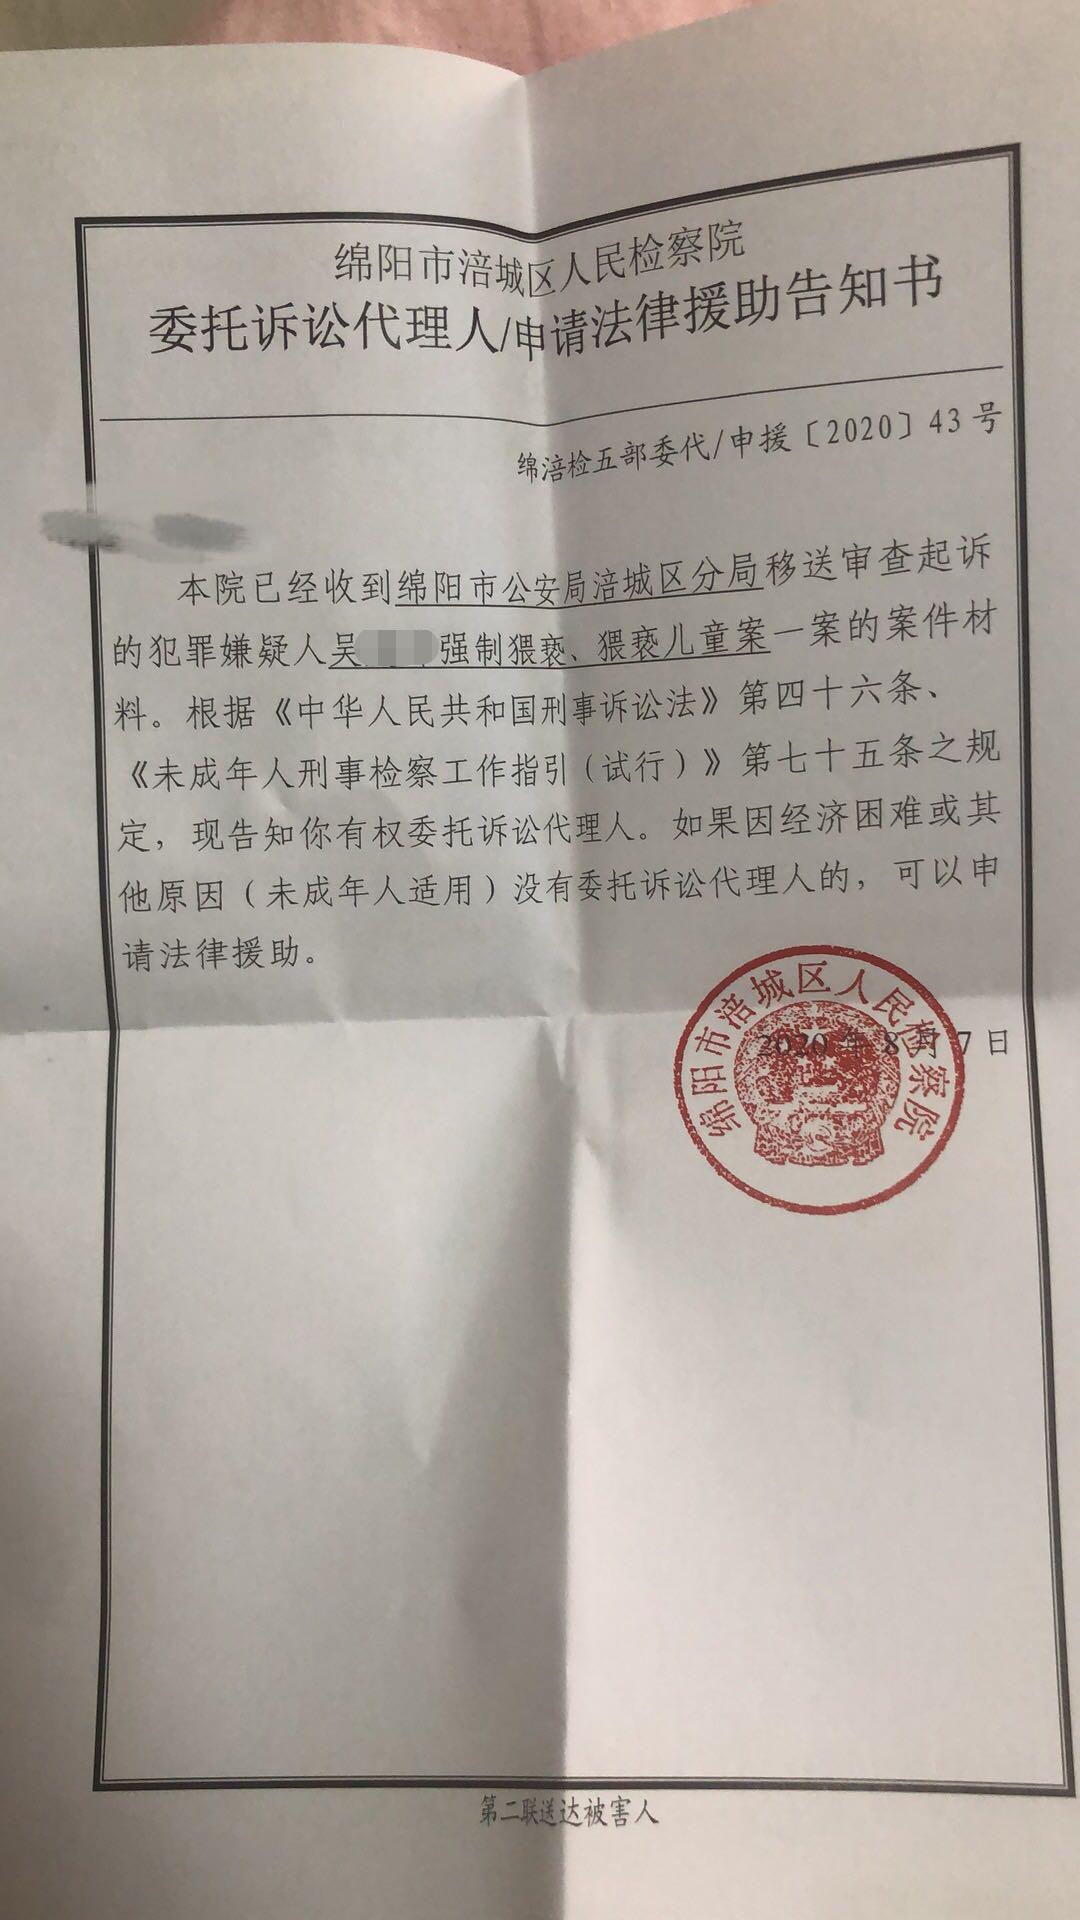 绵阳市涪城区人民检察院委托诉讼代理人/申请法律援助告知书。 受访者供图